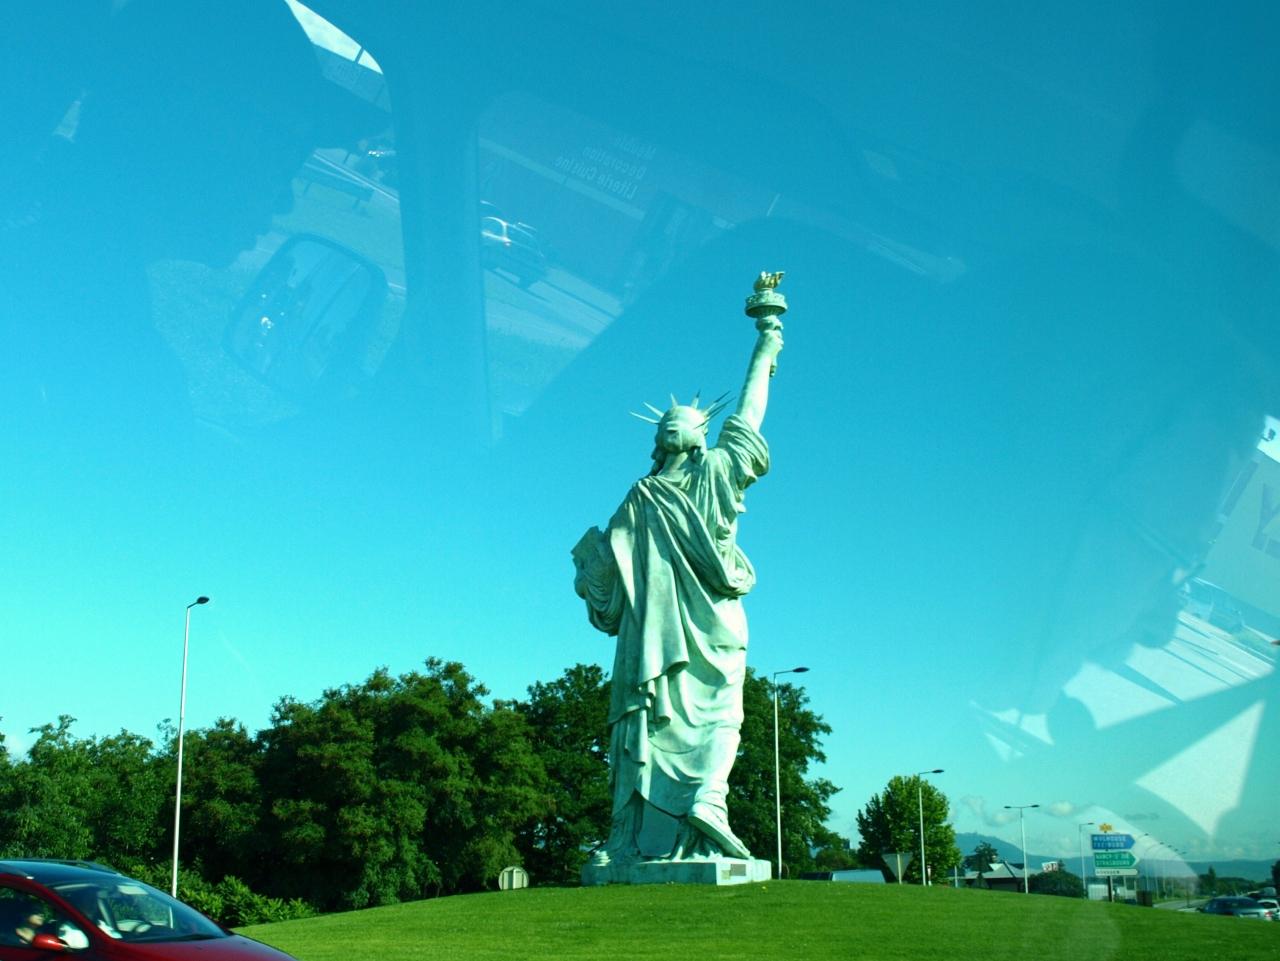 自由の女神像 (ニューヨーク)の画像 p1_32